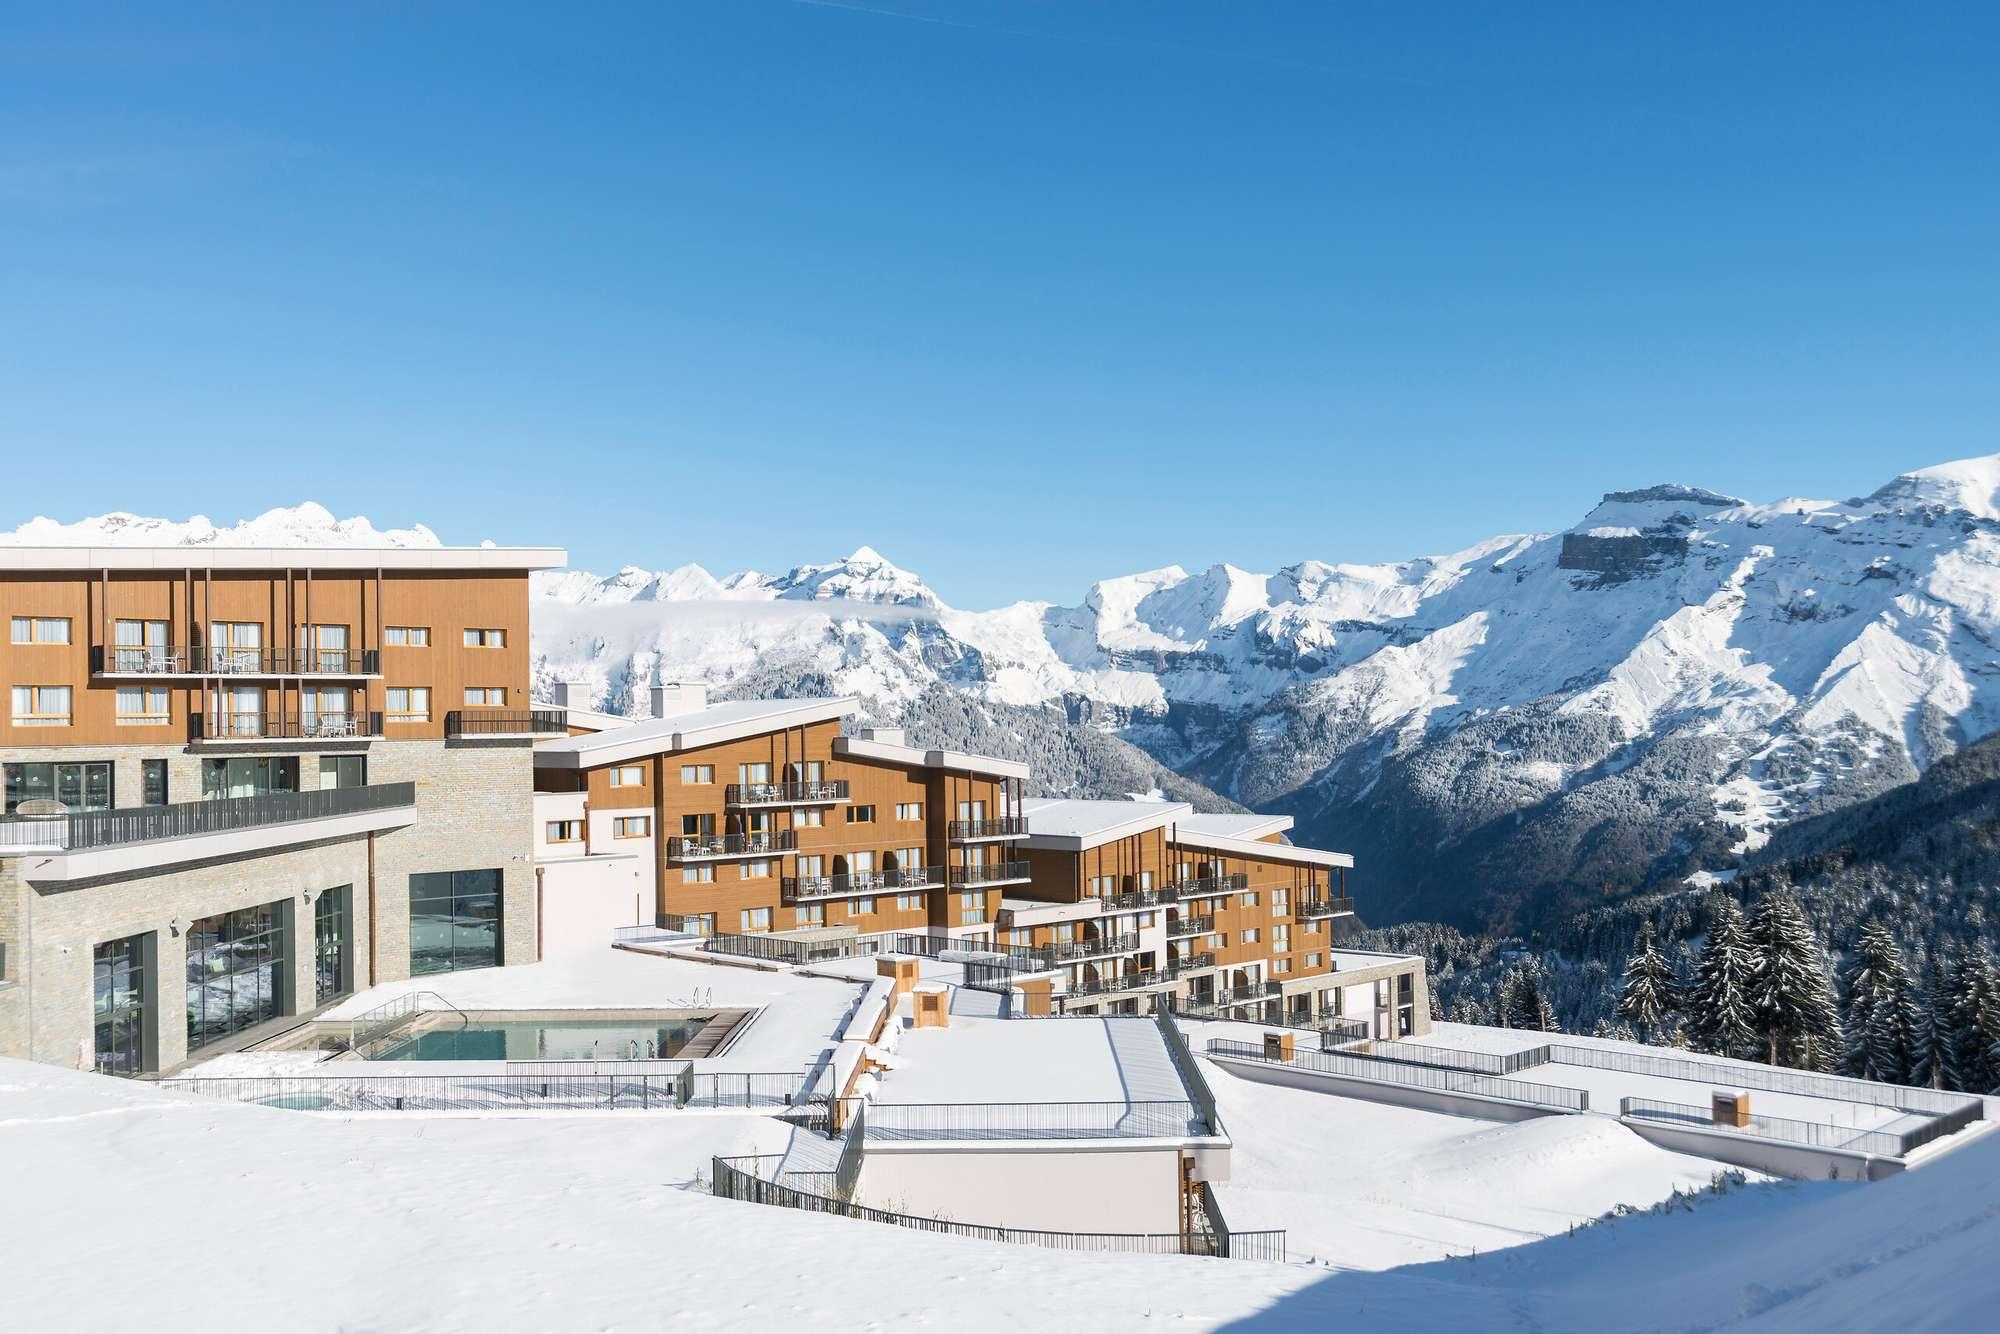 Club Med находится в самом сердце горнолыжного курорта Гран Массиф (более 250 км трасс) менее, чем в полутора часах от Женевы и Анси.